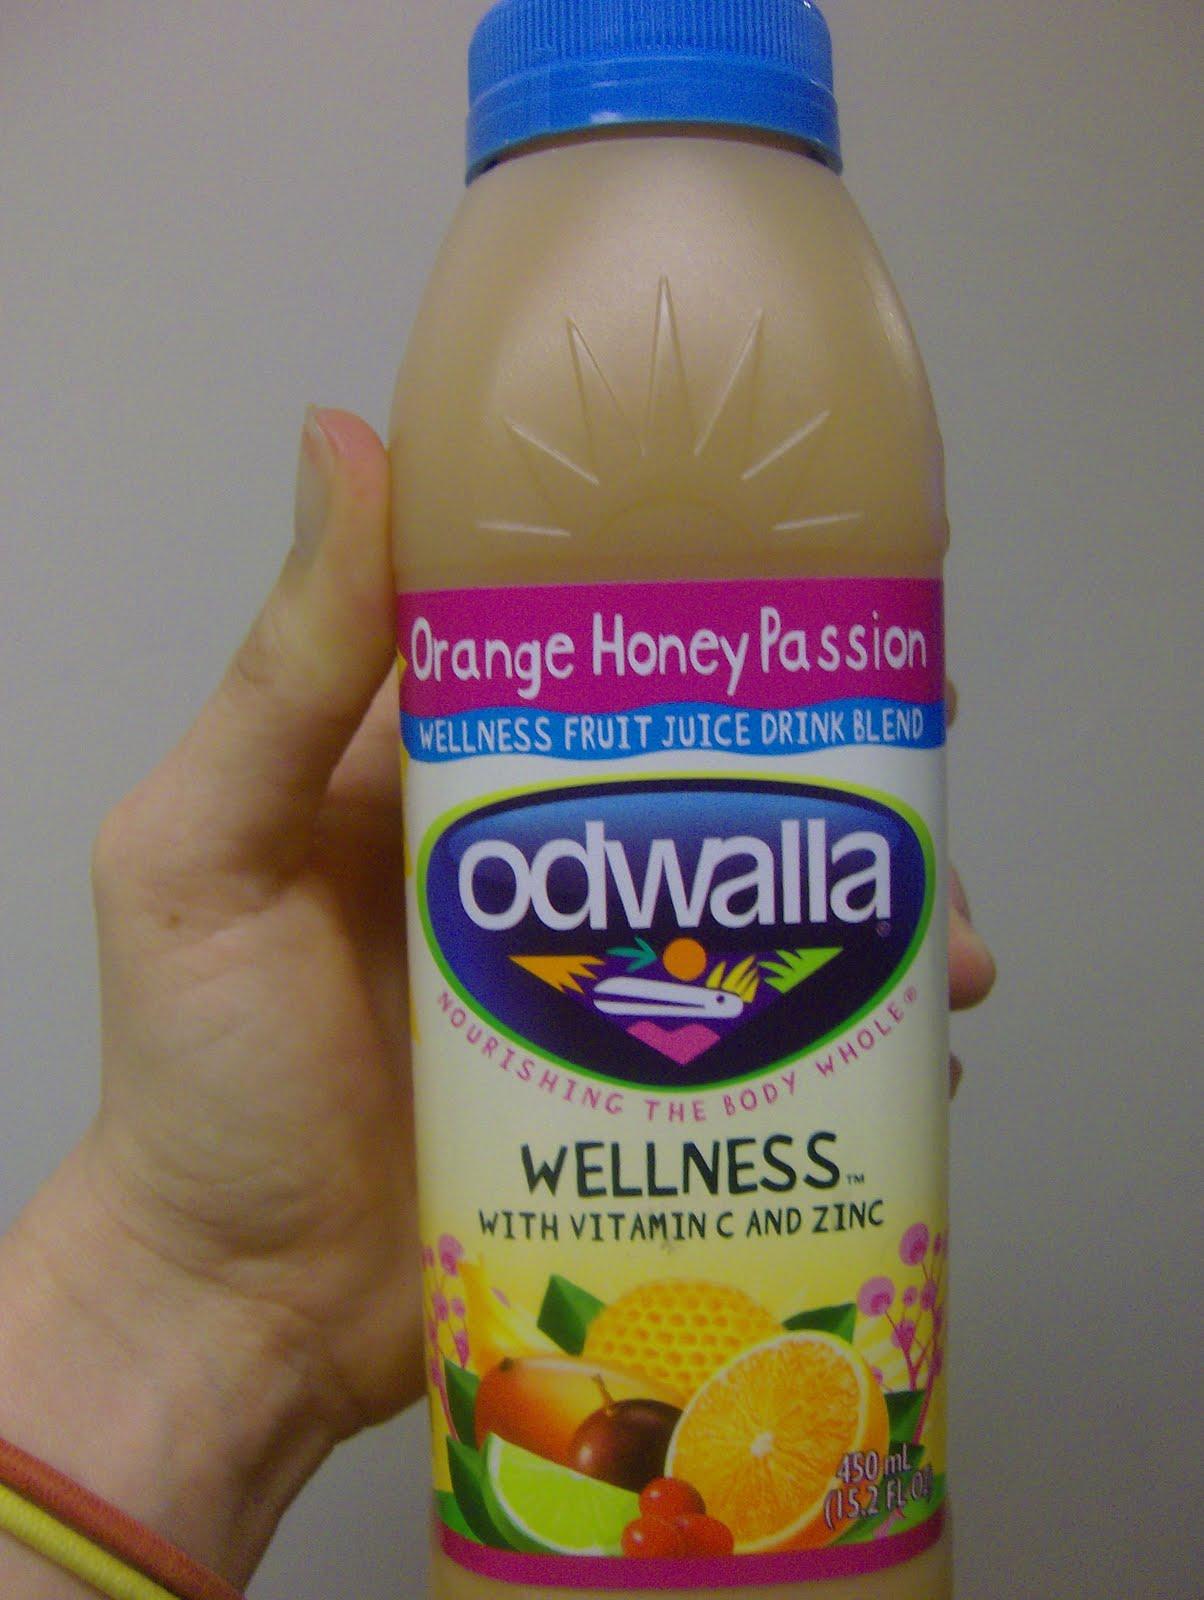 odwalla case study